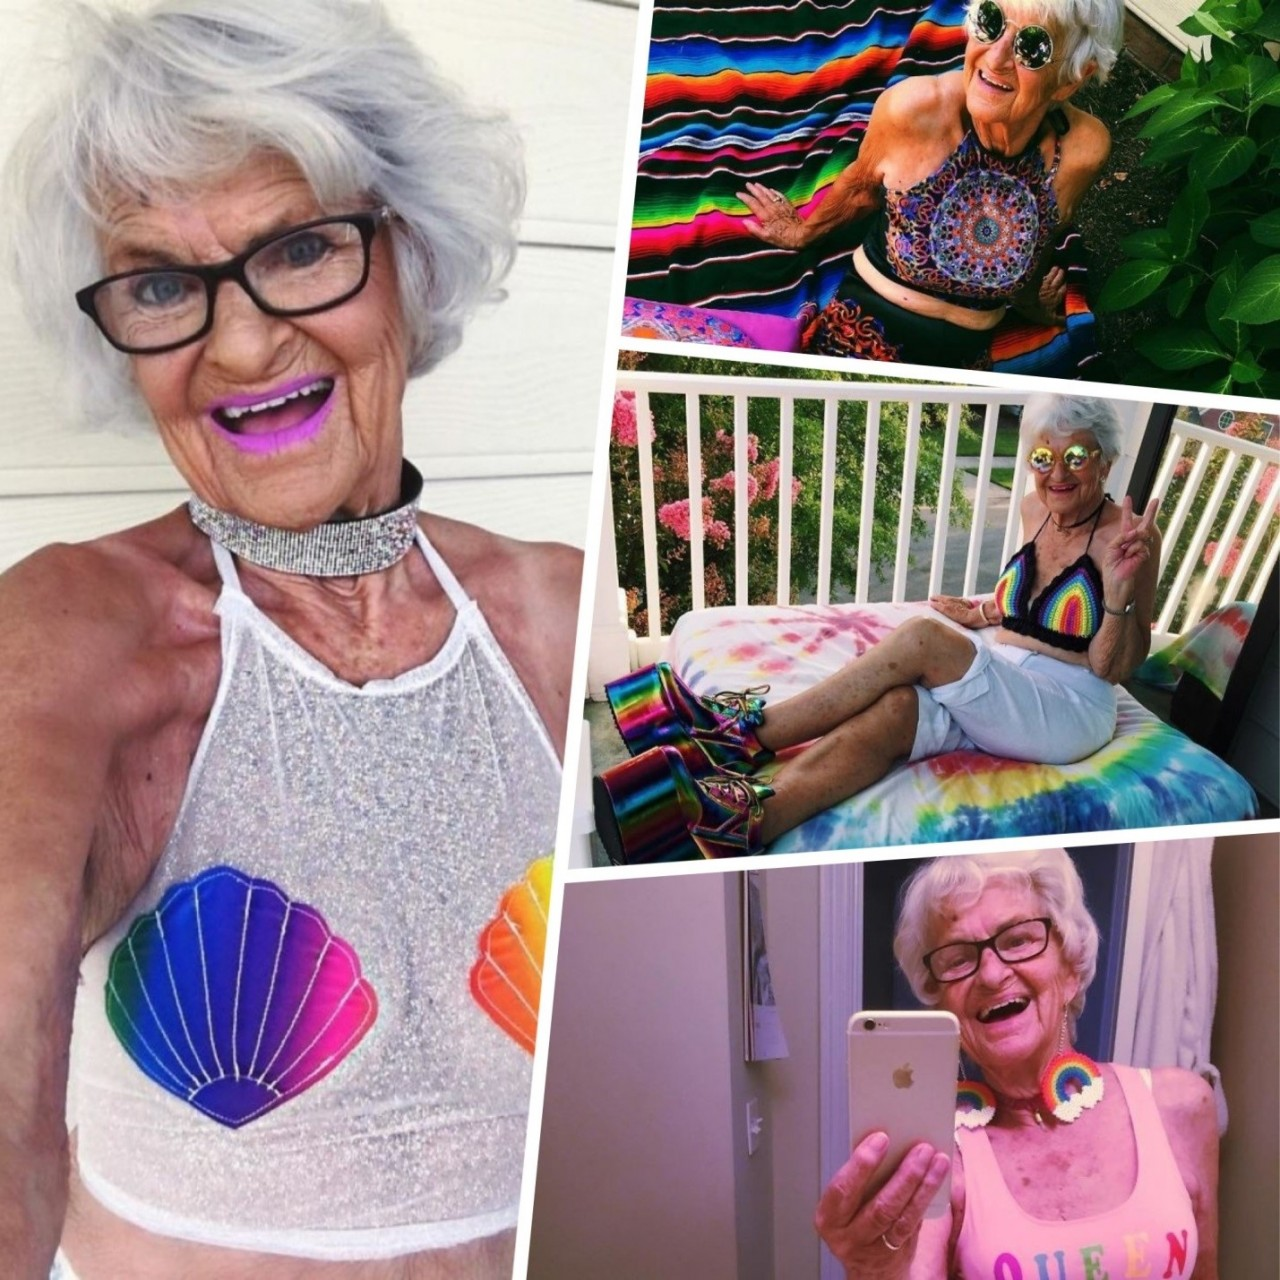 «Стареть можно не только красиво, но и круто!» или как выглядит самая классная и яркая бабушка Инстаграма?